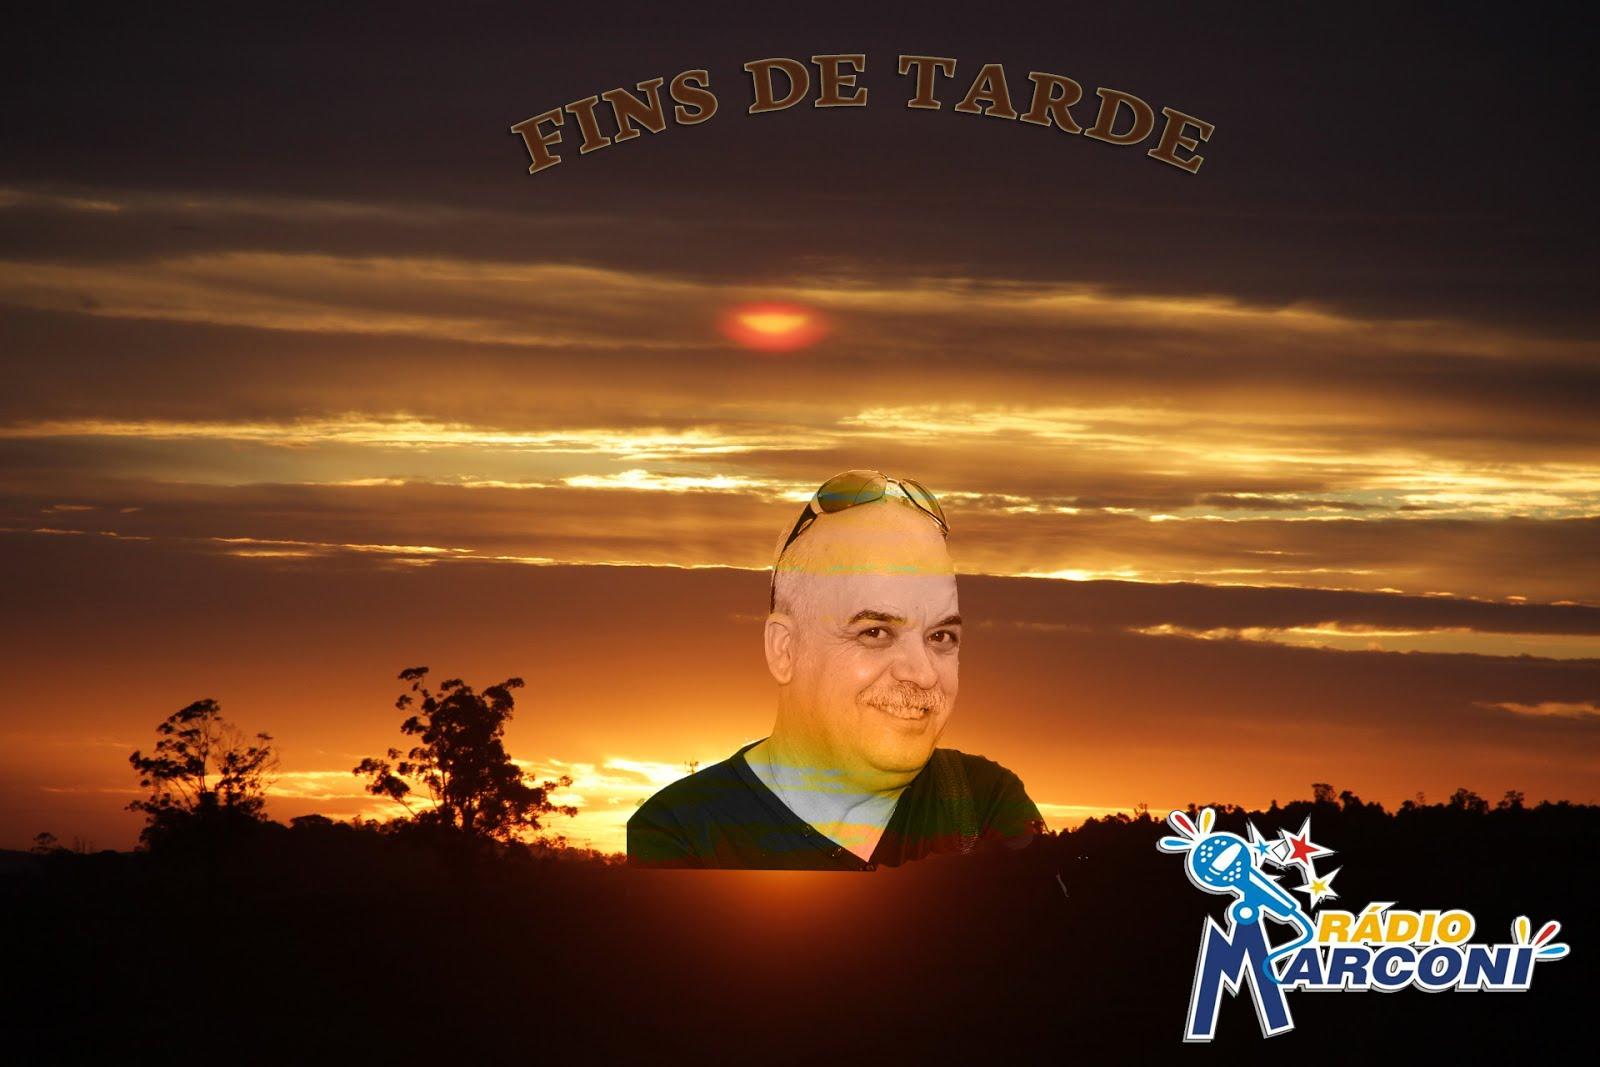 FINS DE TARDE